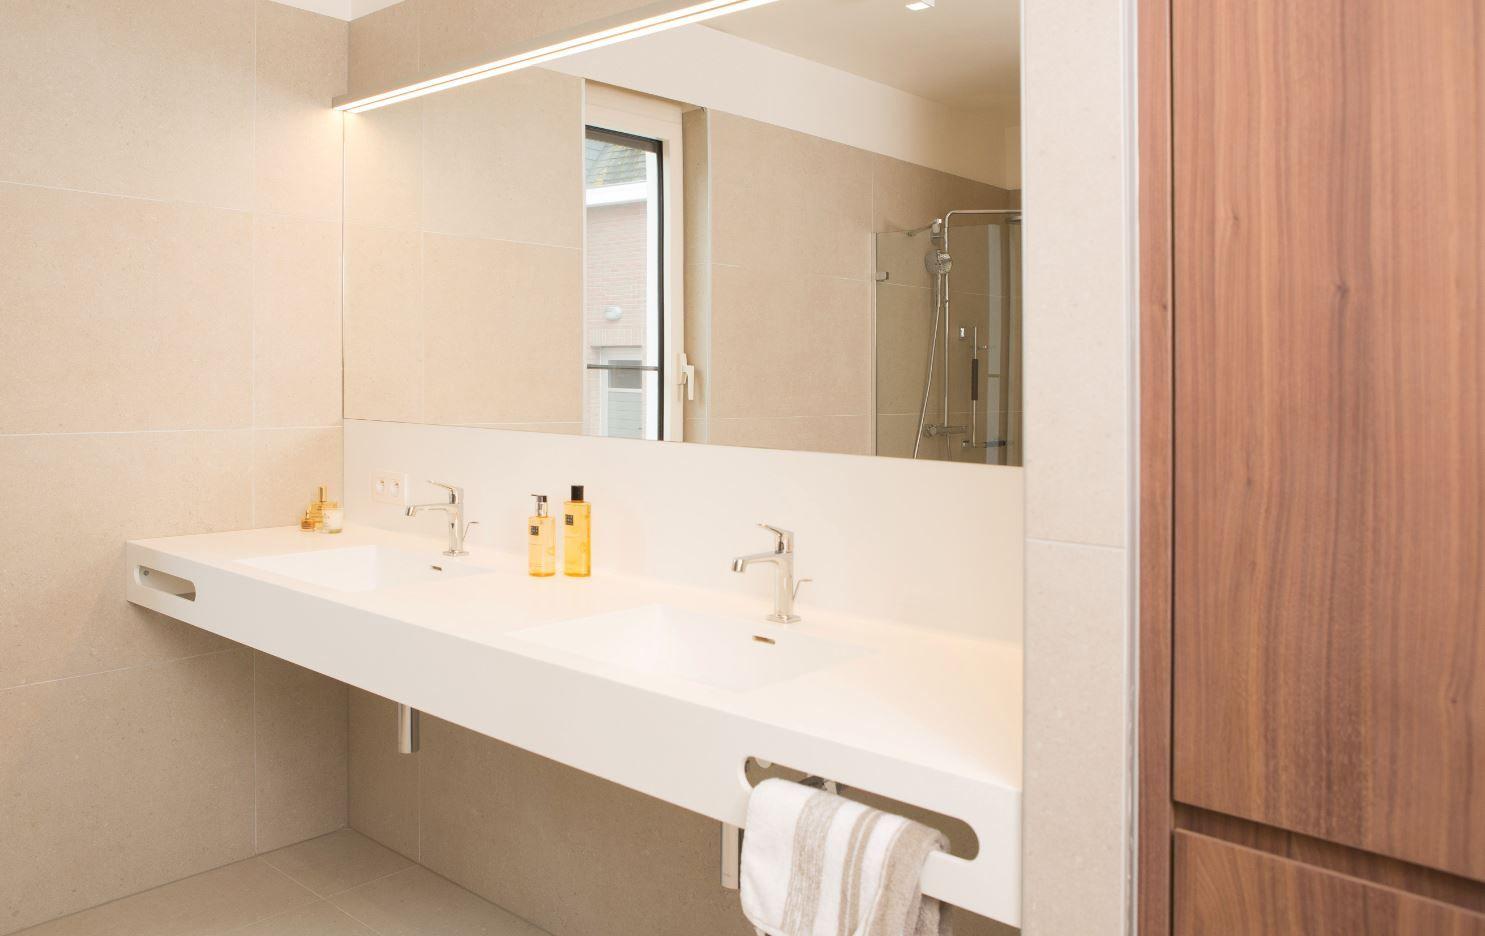 Corian Badkamer Wanden : Badkamer ontworpen en gemaakt door ferzo met corian tablet en